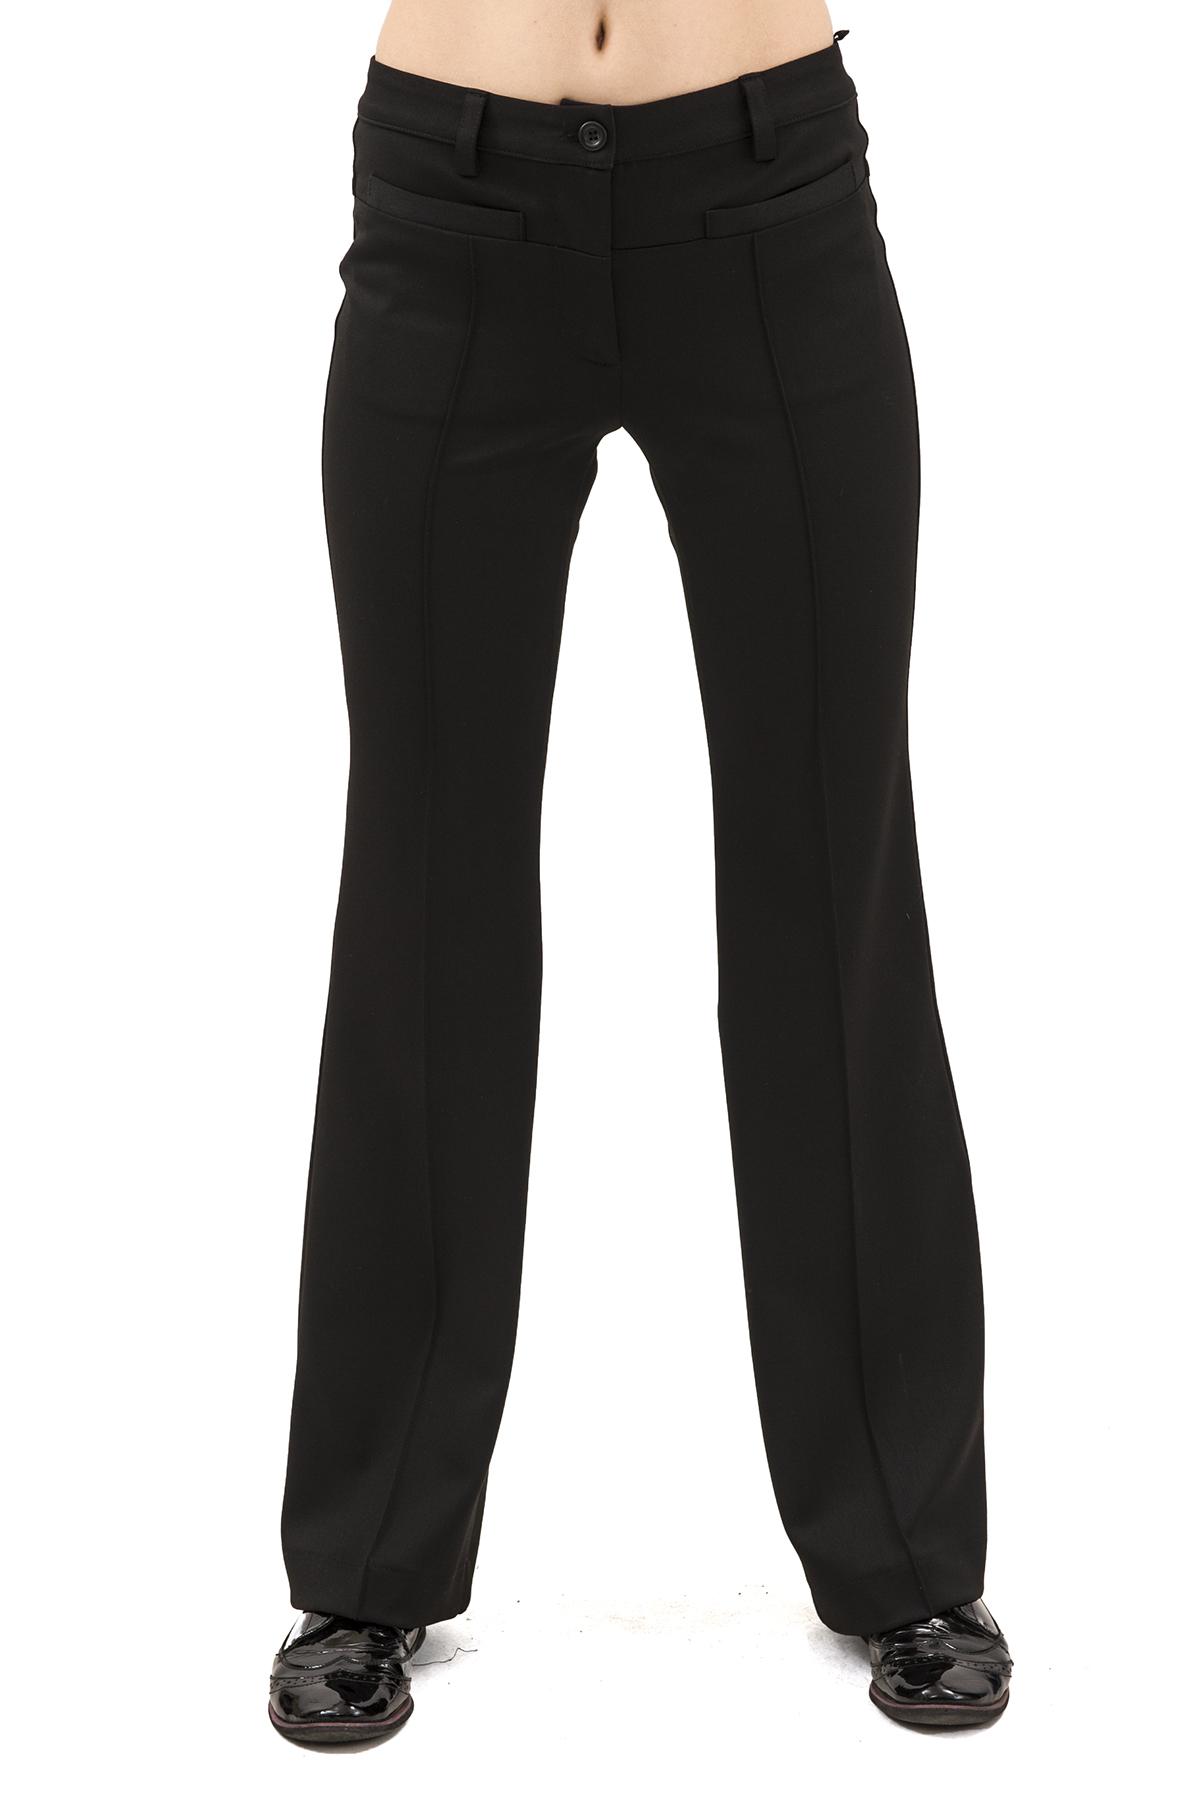 БрюкиЖенские юбки и брюки<br>Брюки – это всегда обворожительно и сексуально. Практичные, удобные, красивые и универсальные. Брюки – необходимый элемент женского гардероба, который позволит Вам выглядеть превосходно в любой ситуации.<br><br>Цвет: черный<br>Состав: 70% полиэстер, 25% вискоза, 5% эластан<br>Размер: 48,50<br>Страна дизайна: Россия<br>Страна производства: Россия